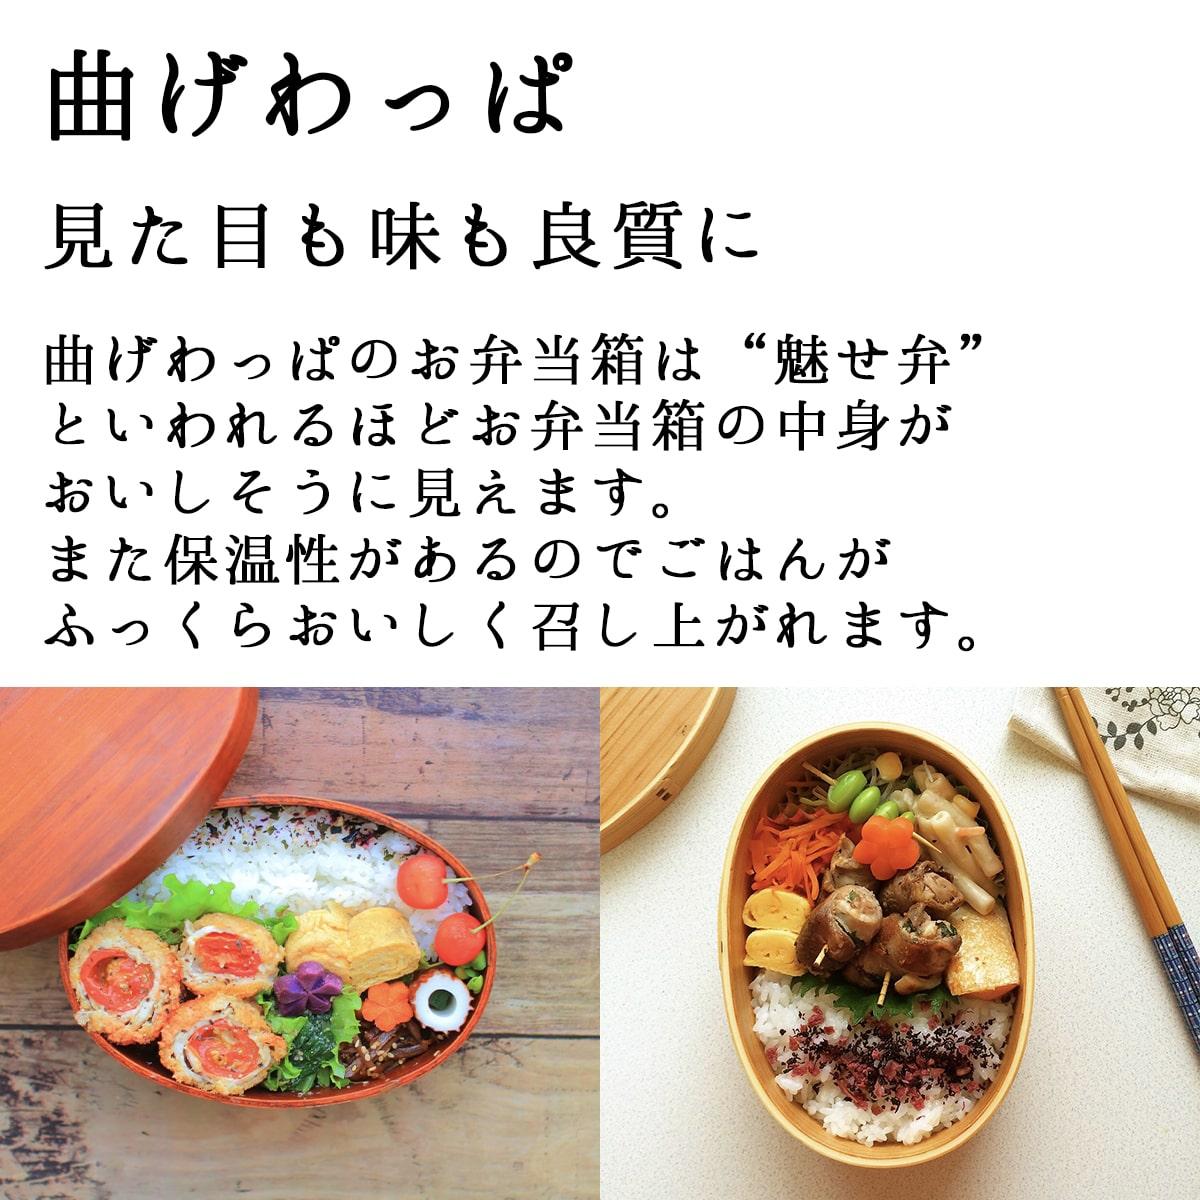 うるしギャラリー久右衛門(urushi gallery kyuuemon) お試し曲げわっぱ 弁当箱 一段 700mlの商品画像2